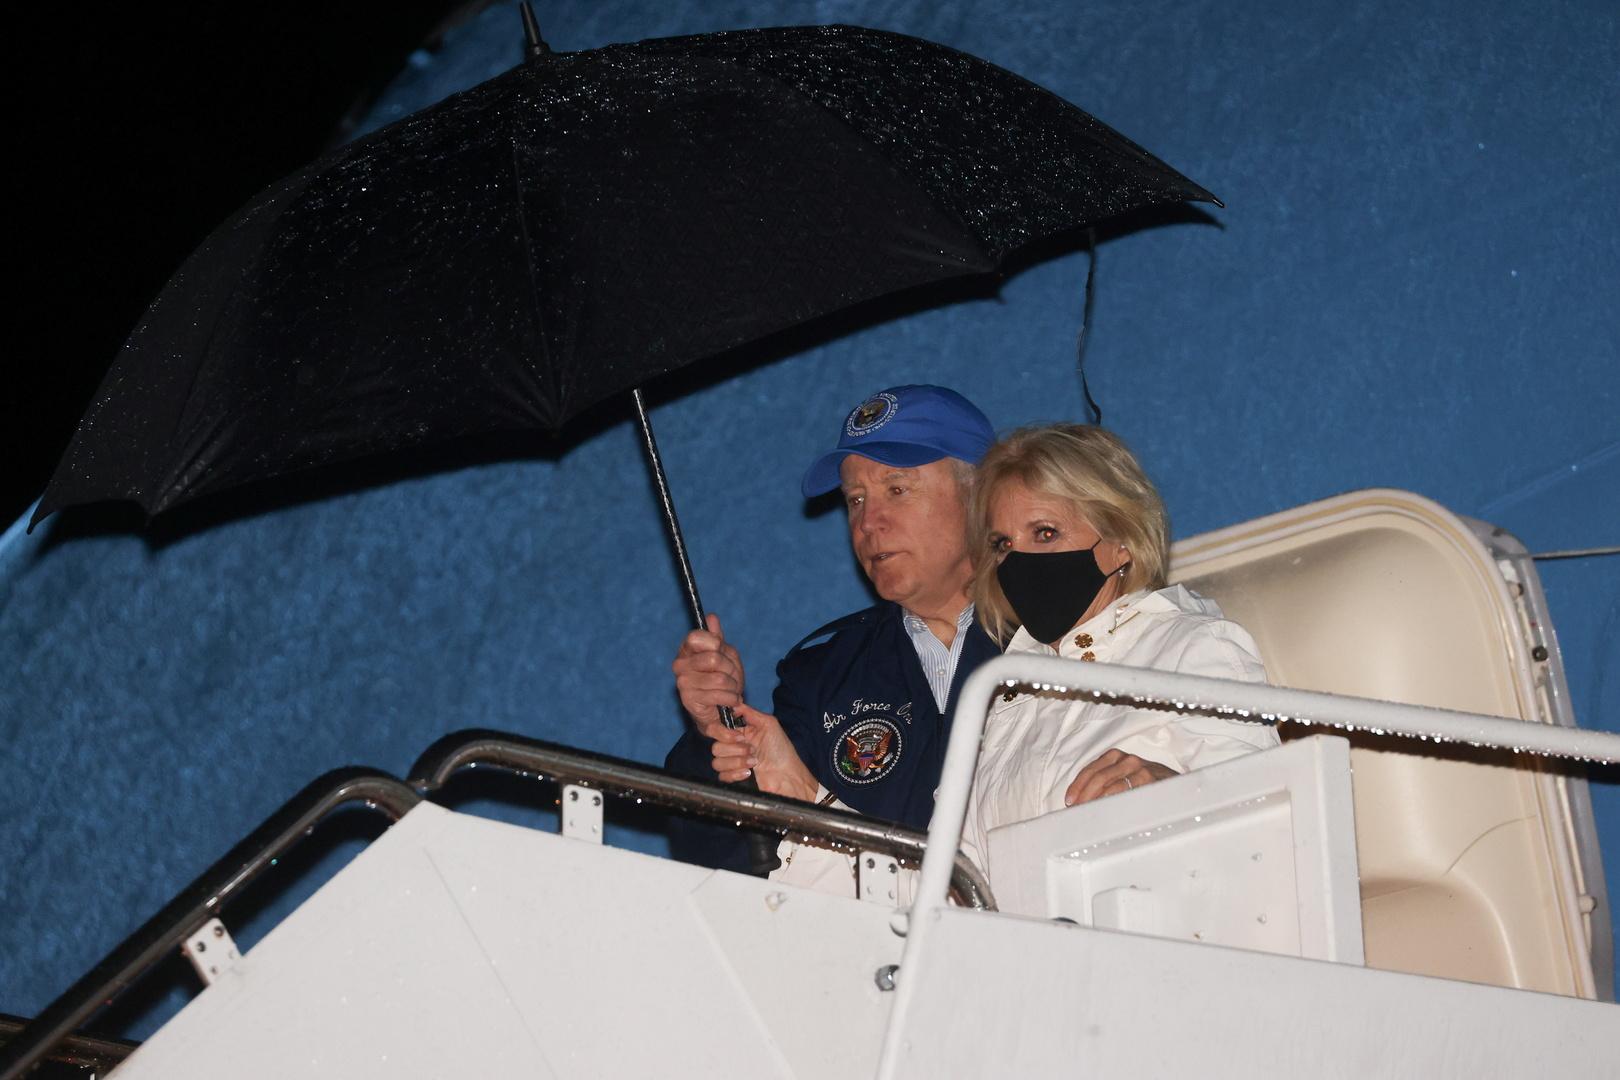 بايدن وزوجته يتفقدان جهود الإغاثة في تكساس إثر موجة صقيع قطبية